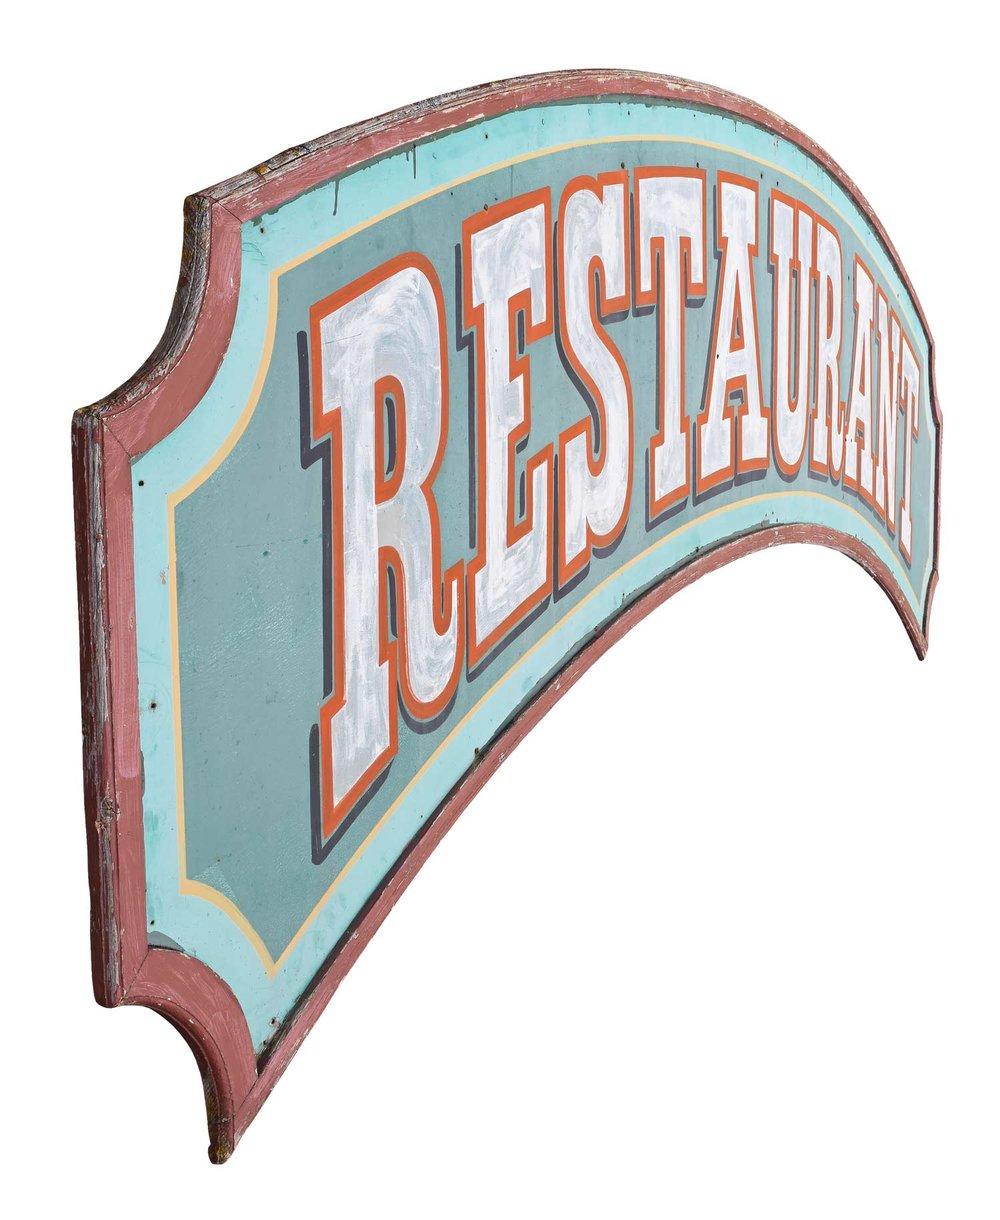 45815-restaurant-sign-side.jpg